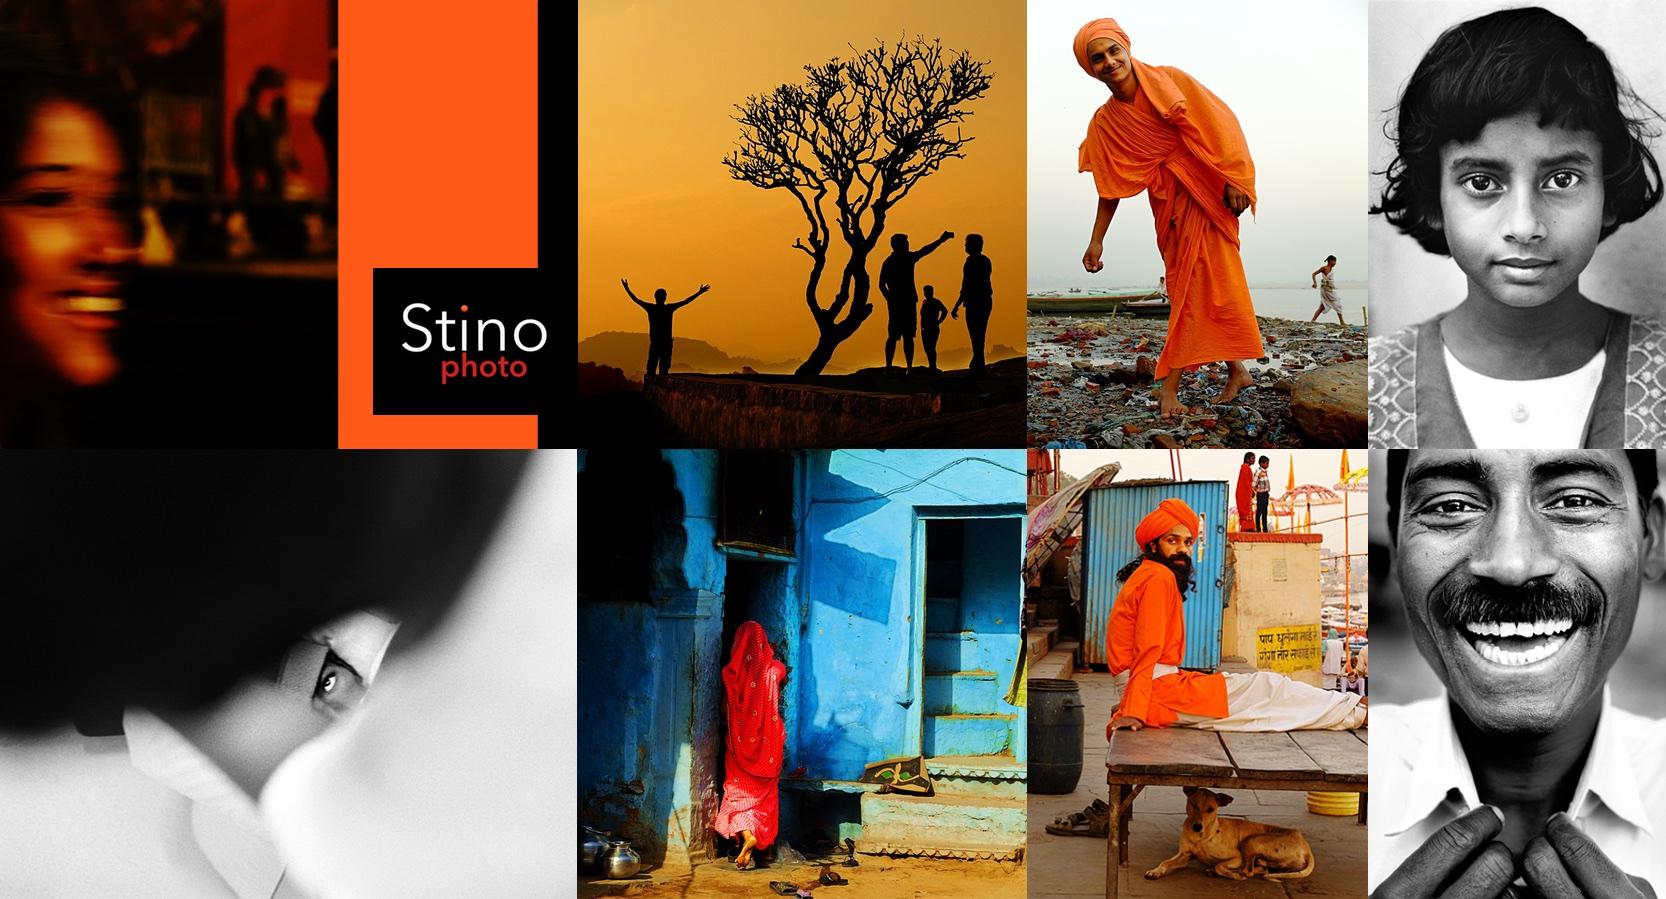 Stino Photo